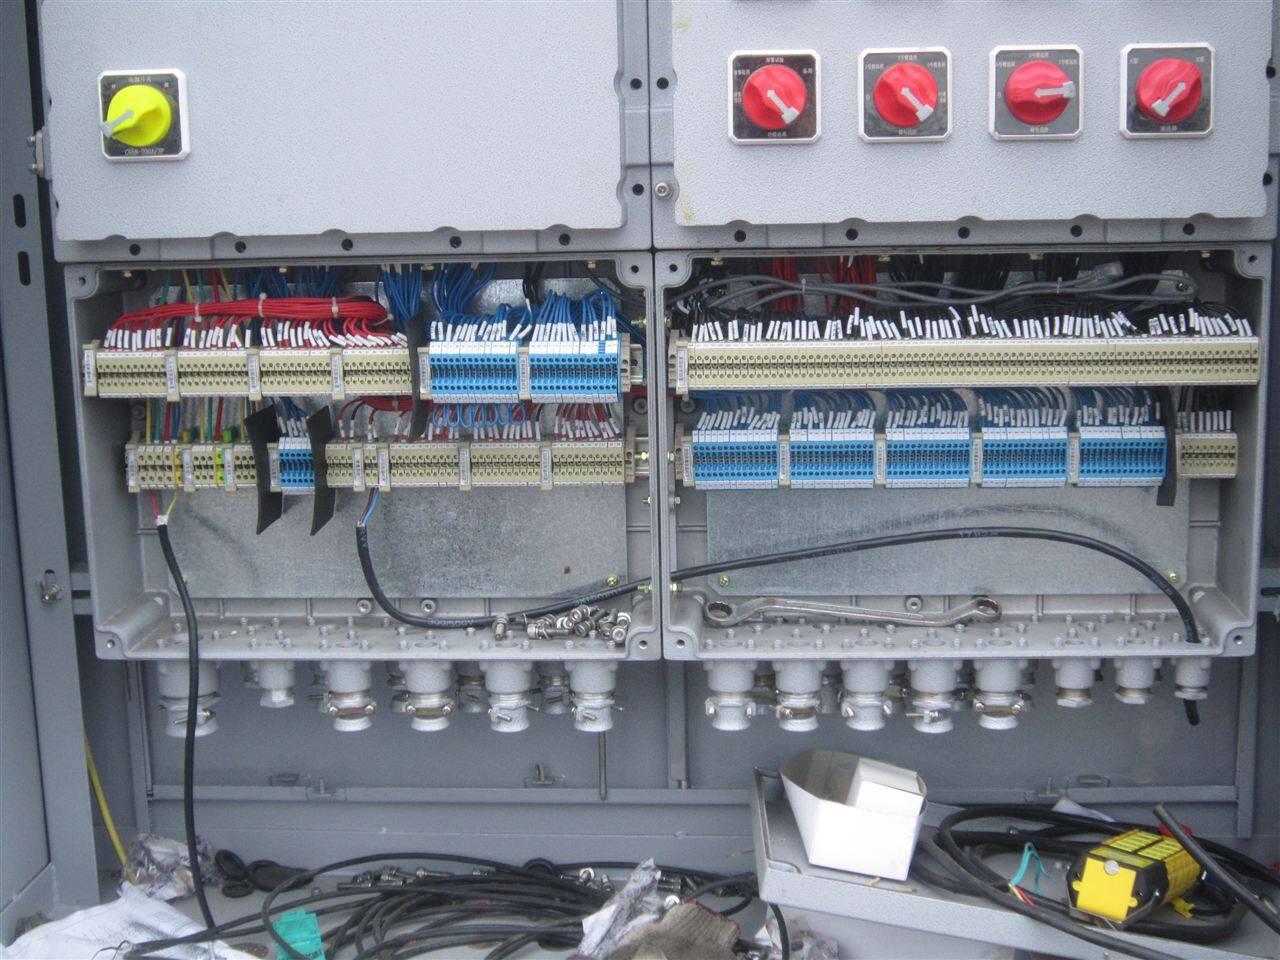 加热泵防爆配电箱/控制箱 适用范围: 1.用于爆炸性气体环境1区、2区; 2.用于A、B、C级爆炸性气体环境; 3.加热泵防爆配电箱/控制箱用于温度组别为T1-T6的环境; 4.用于石油采炼、储存、化工、医药、军工及军事设施等爆炸性危险环境; 5.用于电气控制系统中,作为指令发送及状态监视之用; 6.